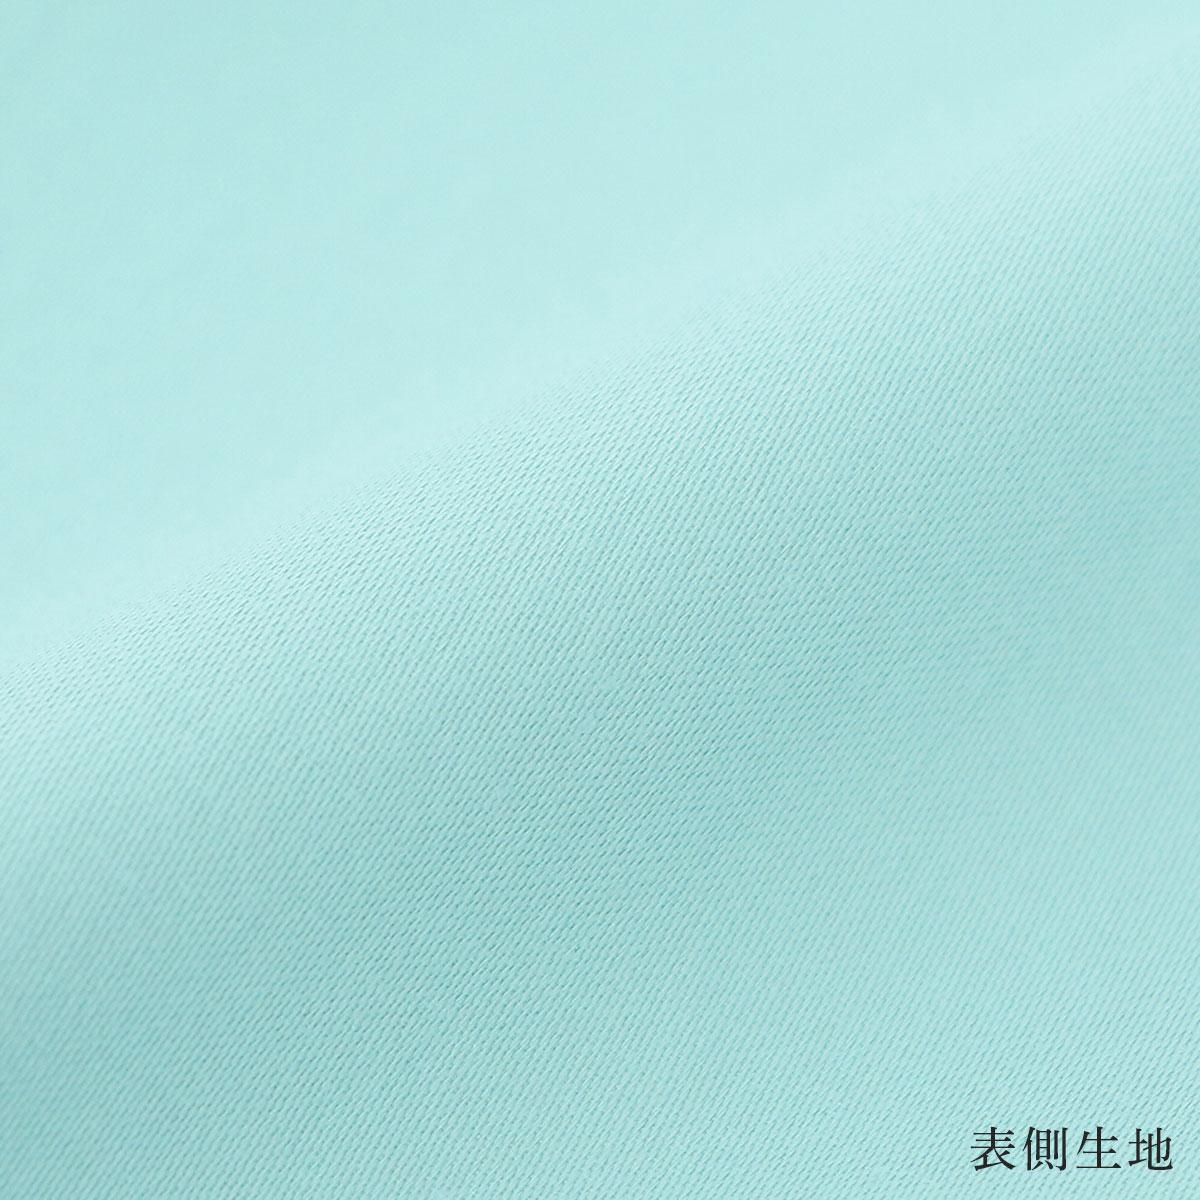 極眠 by NAIGAI コットン100% プレミアムサテン スームスシャイン パジャマ 前開き 長袖 長丈パンツ【Lサイズ】 レディース 女性 婦人 73380203【ゆうパケットお取り扱い不可】